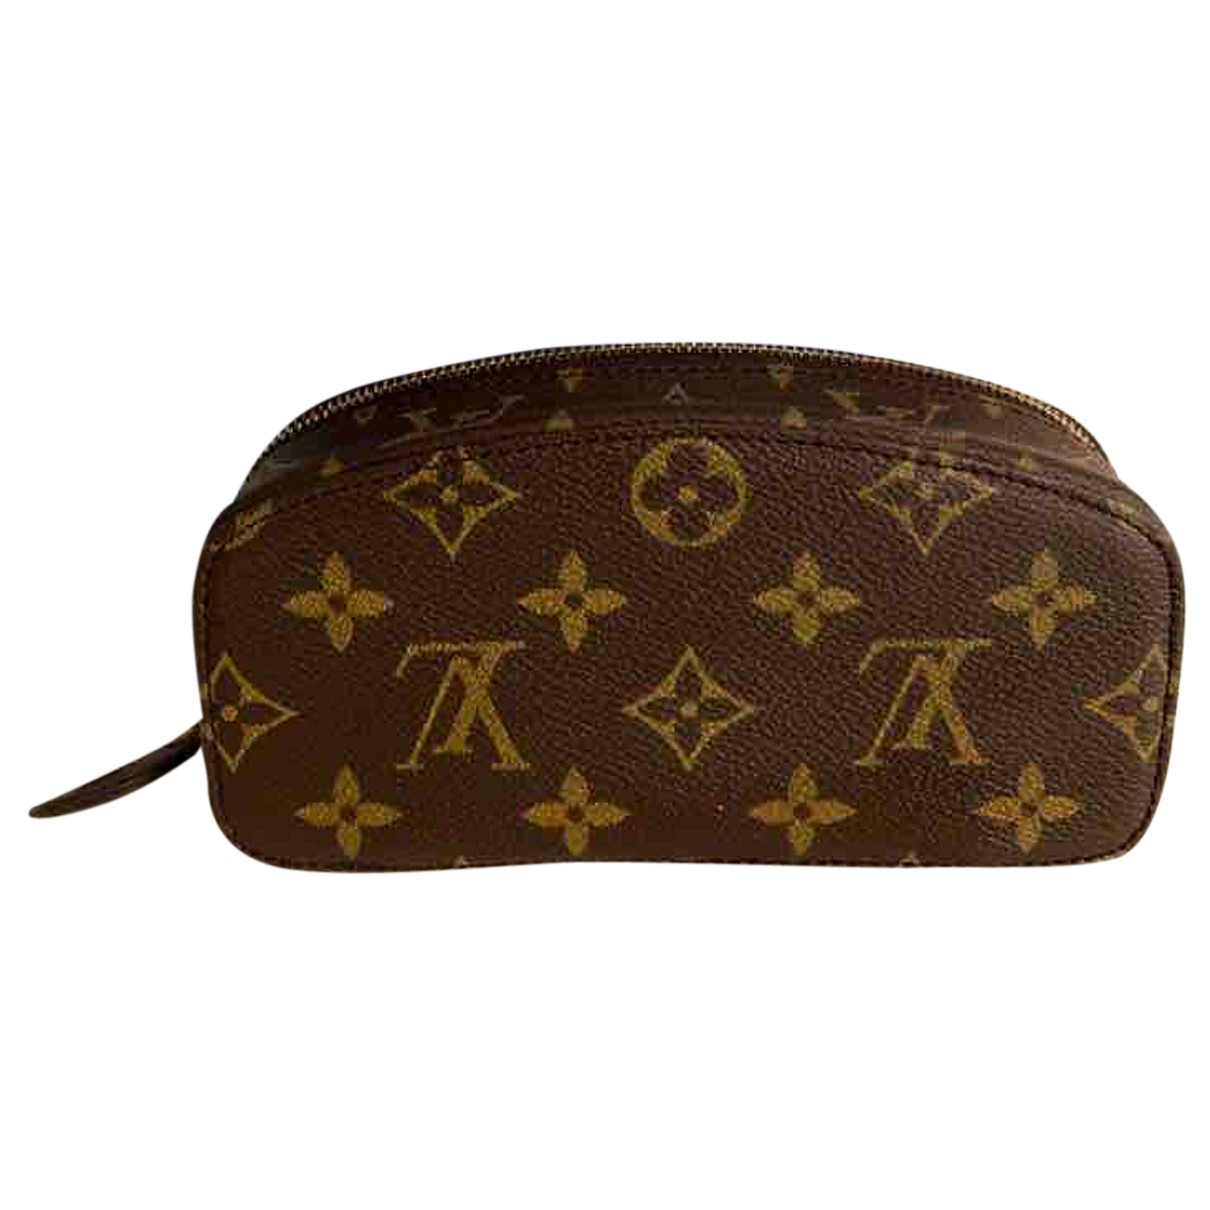 Louis Vuitton - Objets & Deco Boite a bijoux pour lifestyle en toile - marron